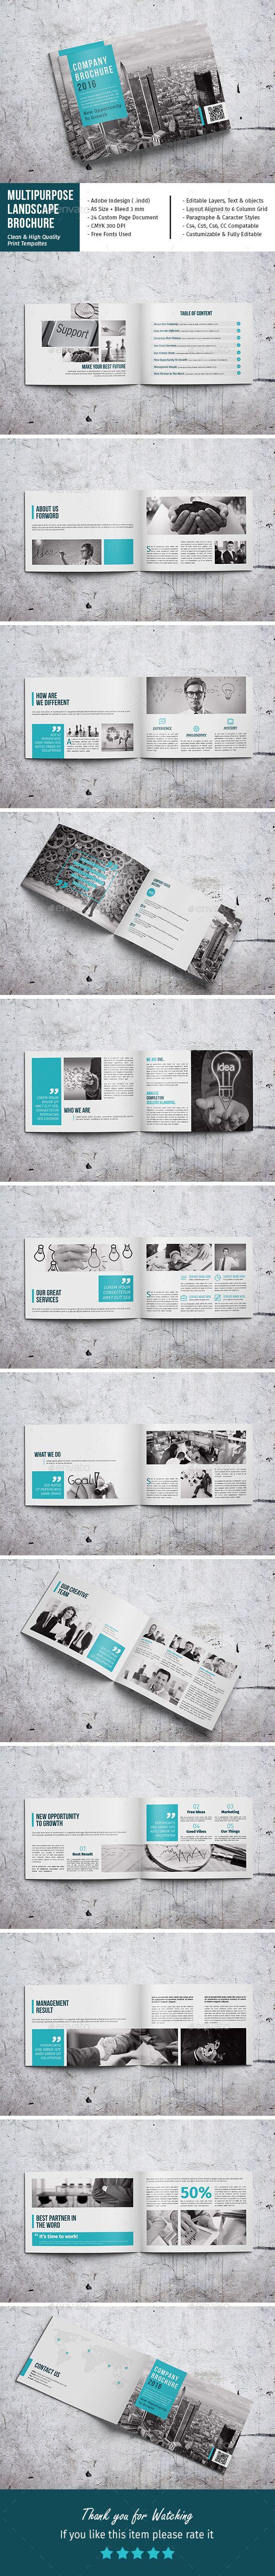 Multipurpose Landscape Brochure Template InDesign INDD